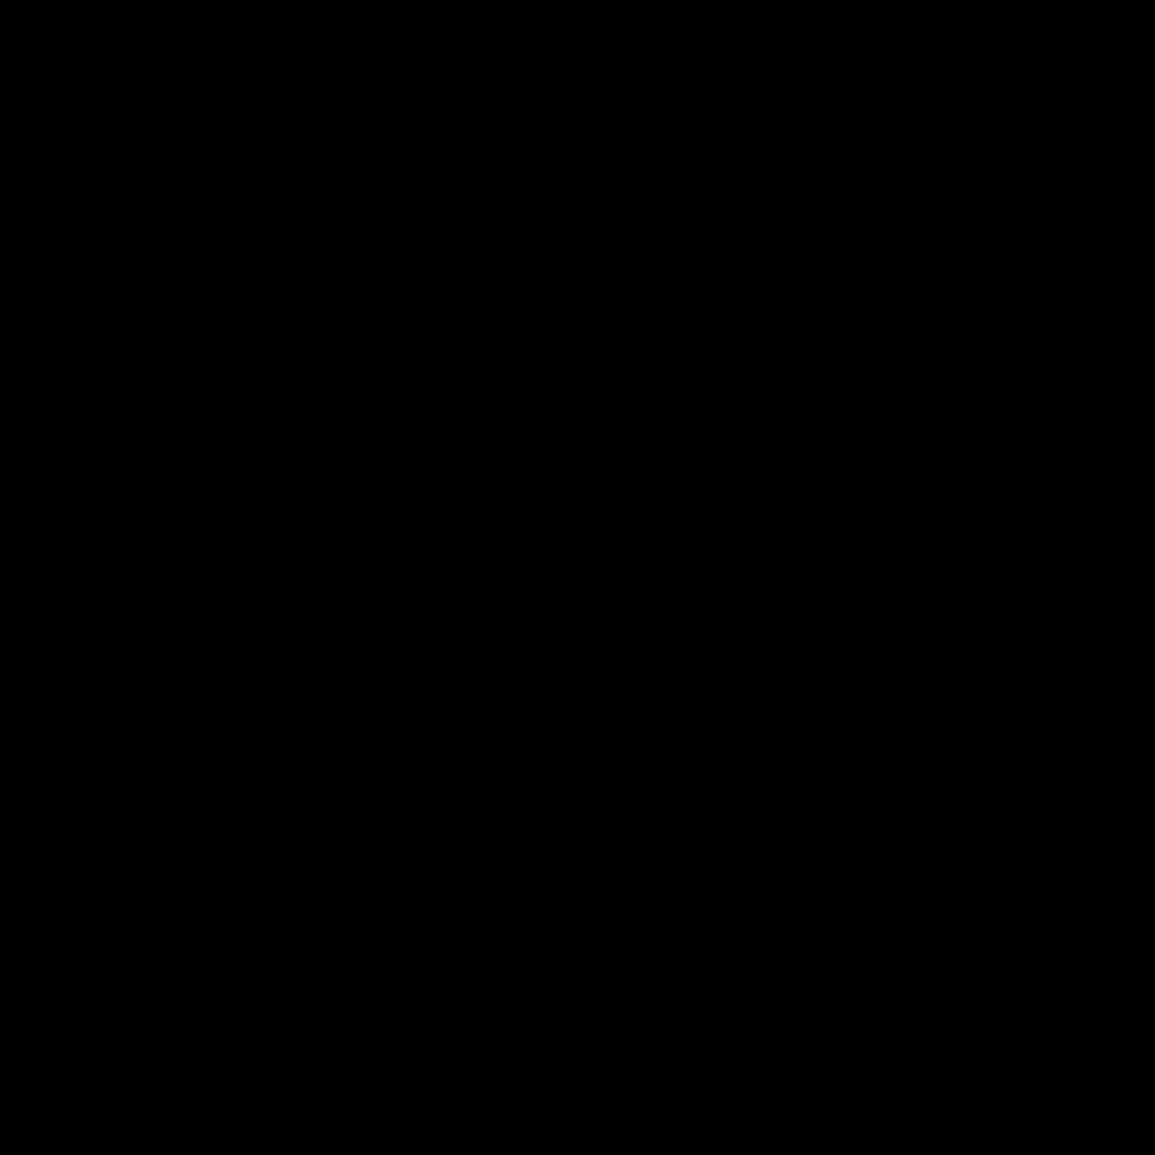 石井太明朝 オールドスタイル大がな BM-A-OKL 字形見本